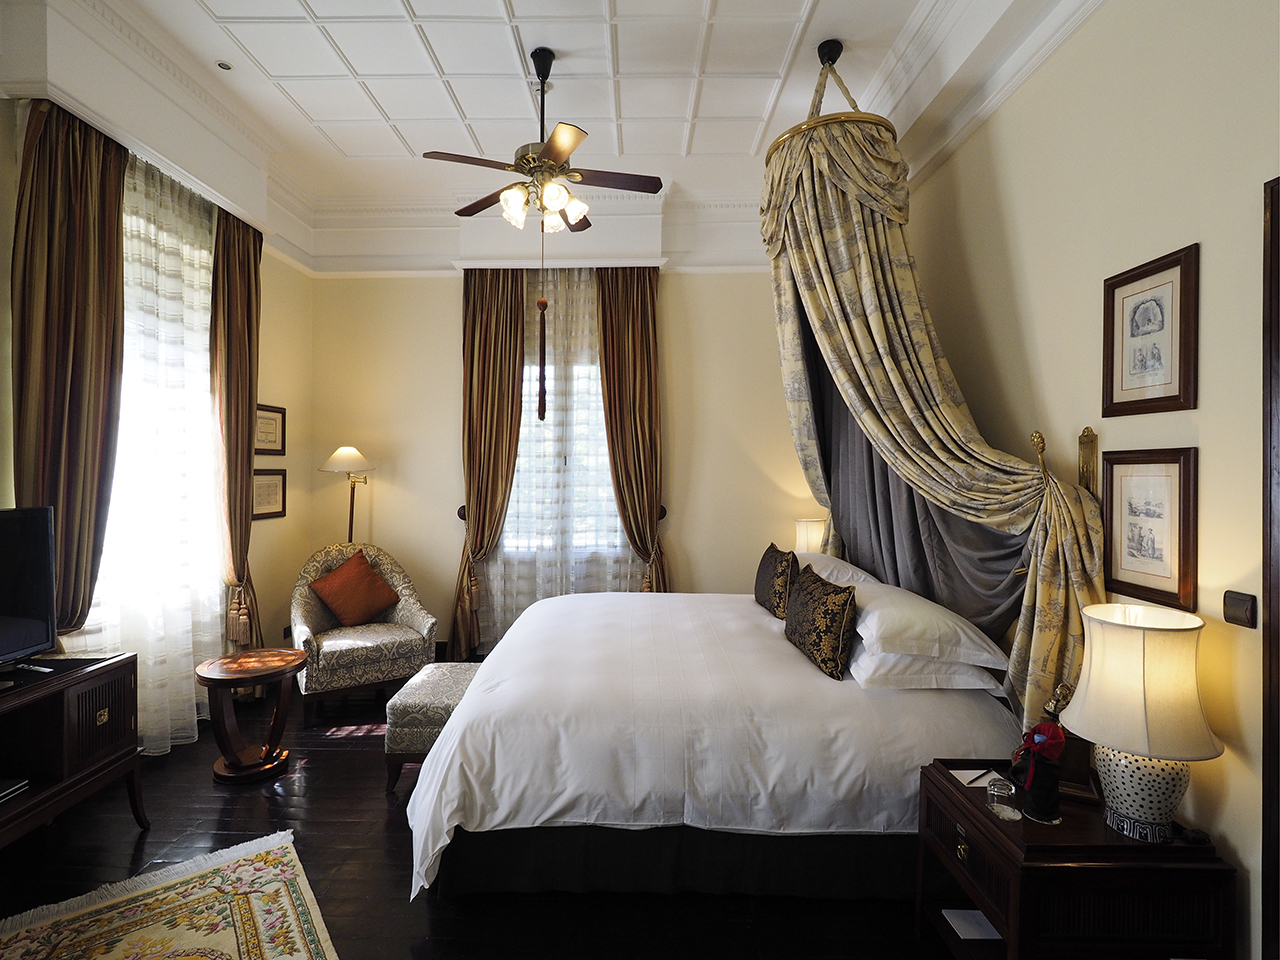 ハノイの真珠と絶賛される優雅なホテル、メトロポール_1_4-2